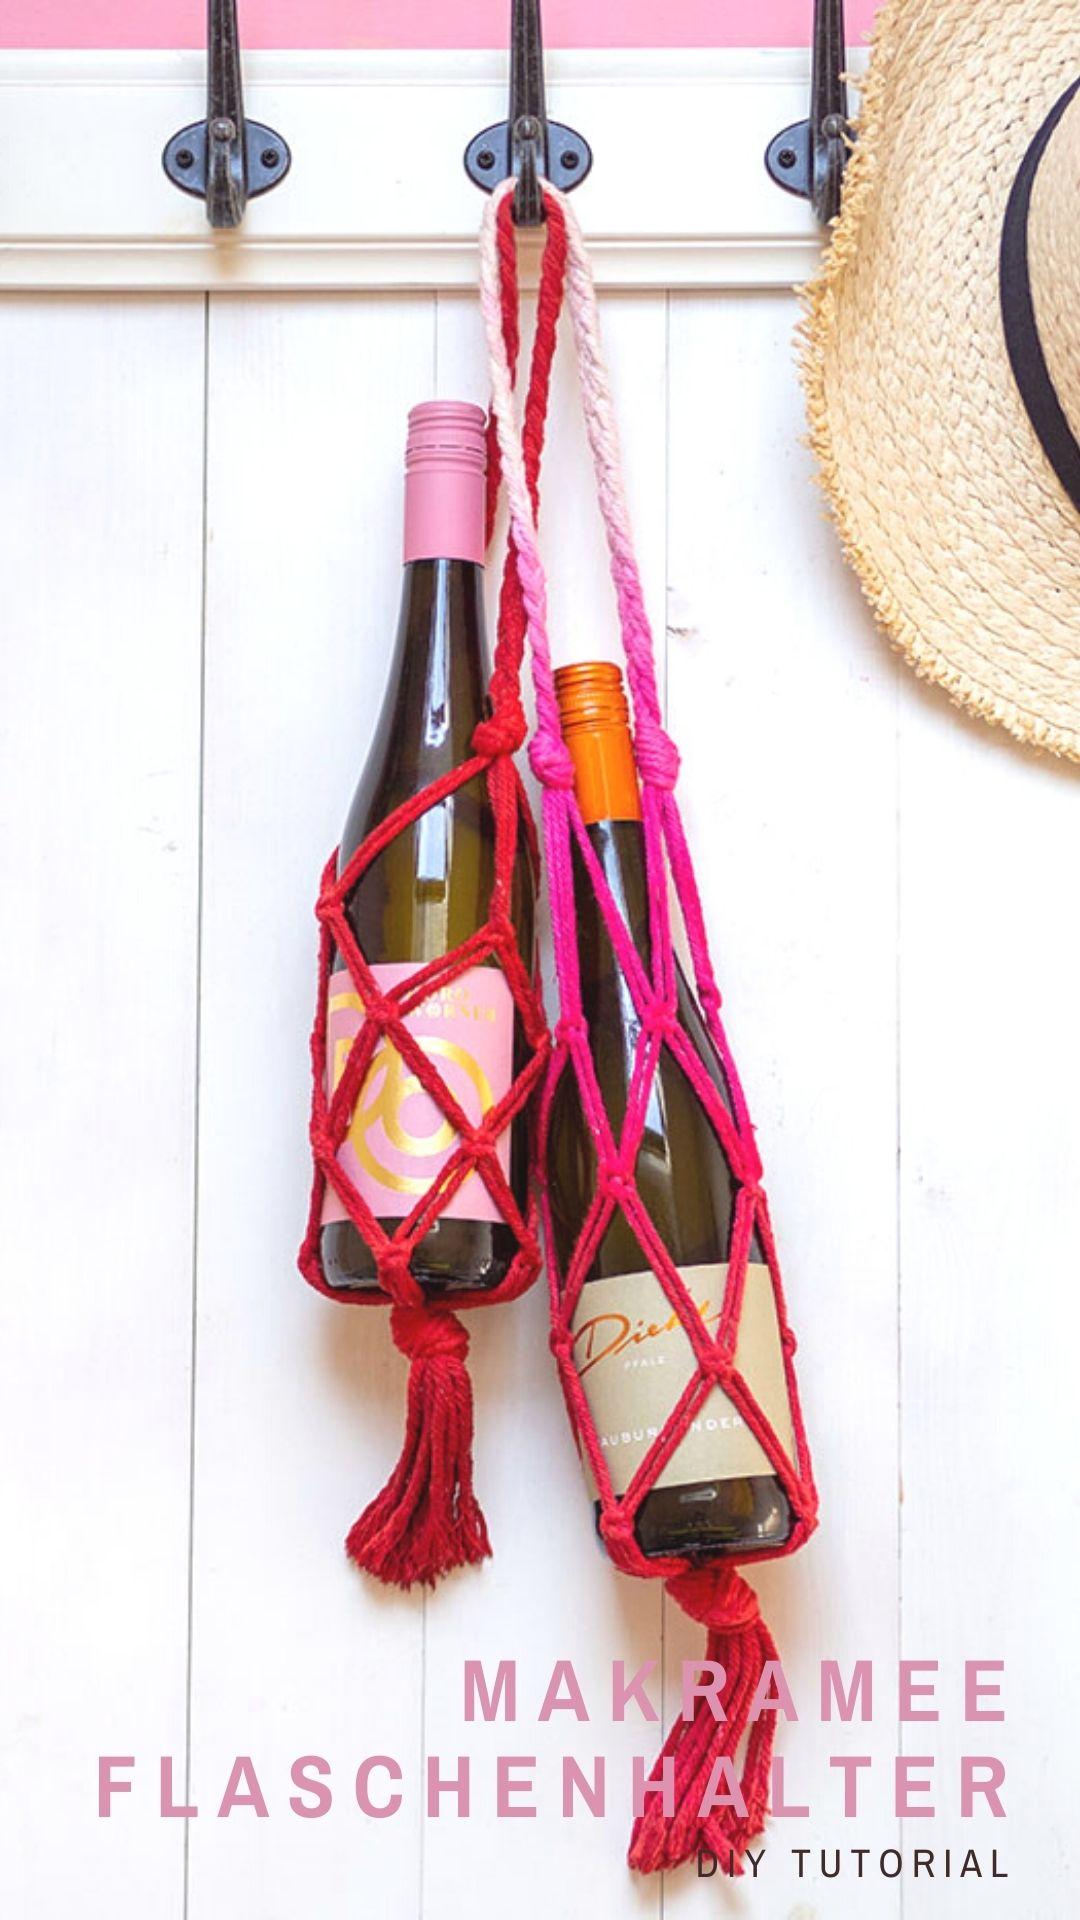 (Wein)-Flasche als Geschenk: Hübsch verpackt und sicher transportiert. Eine schnelle und einfache Anleitung für einen DIY-Flaschenhalter in Makramee-Technik. Auf johannarundel.de!